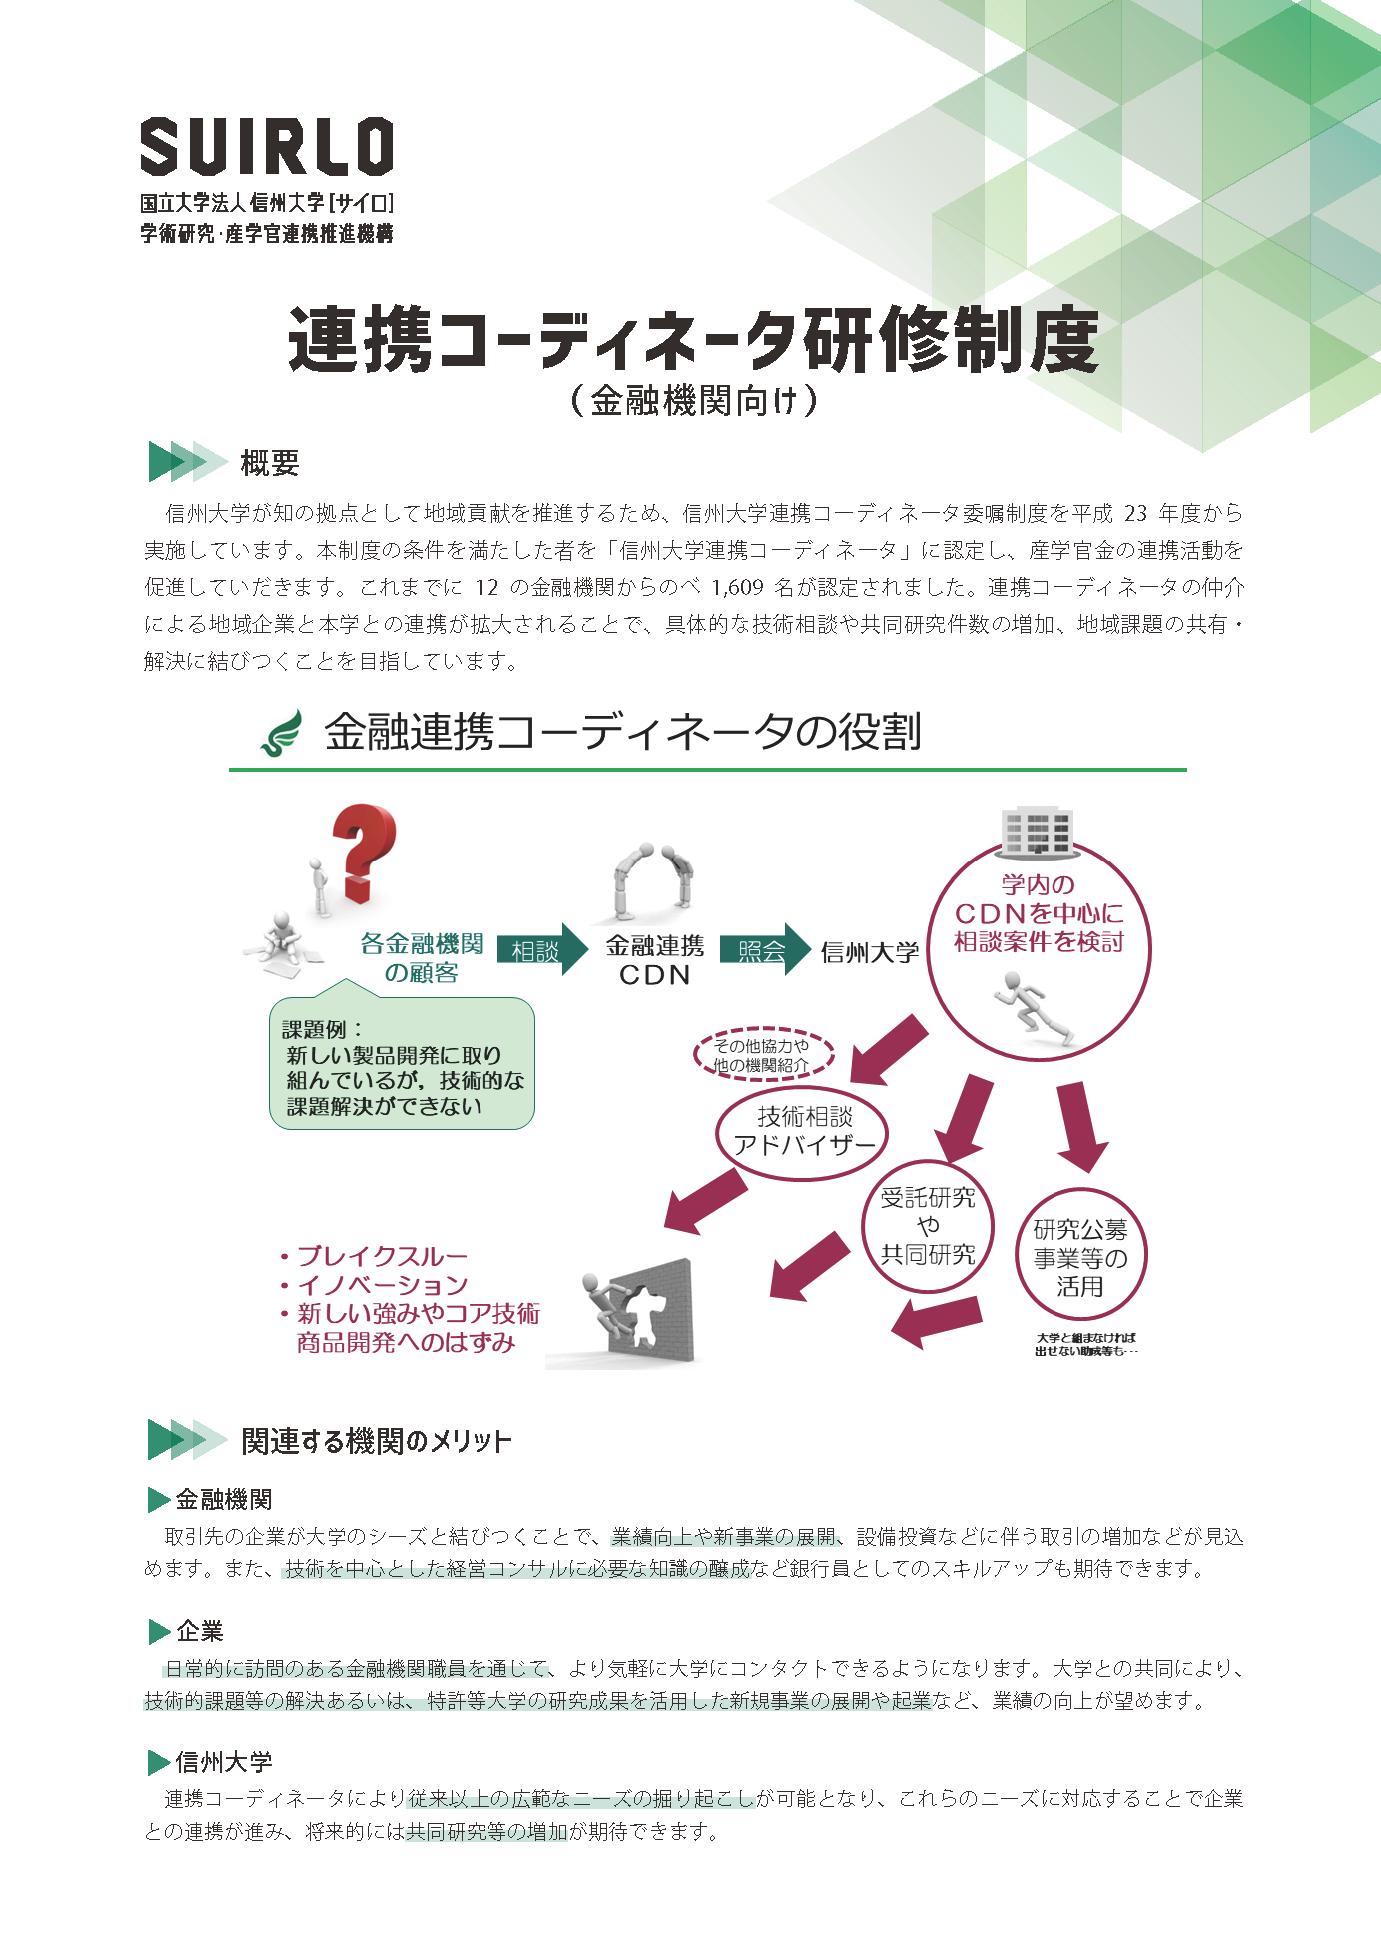 アイキャッチ画像:連携コーディネータ研修制度